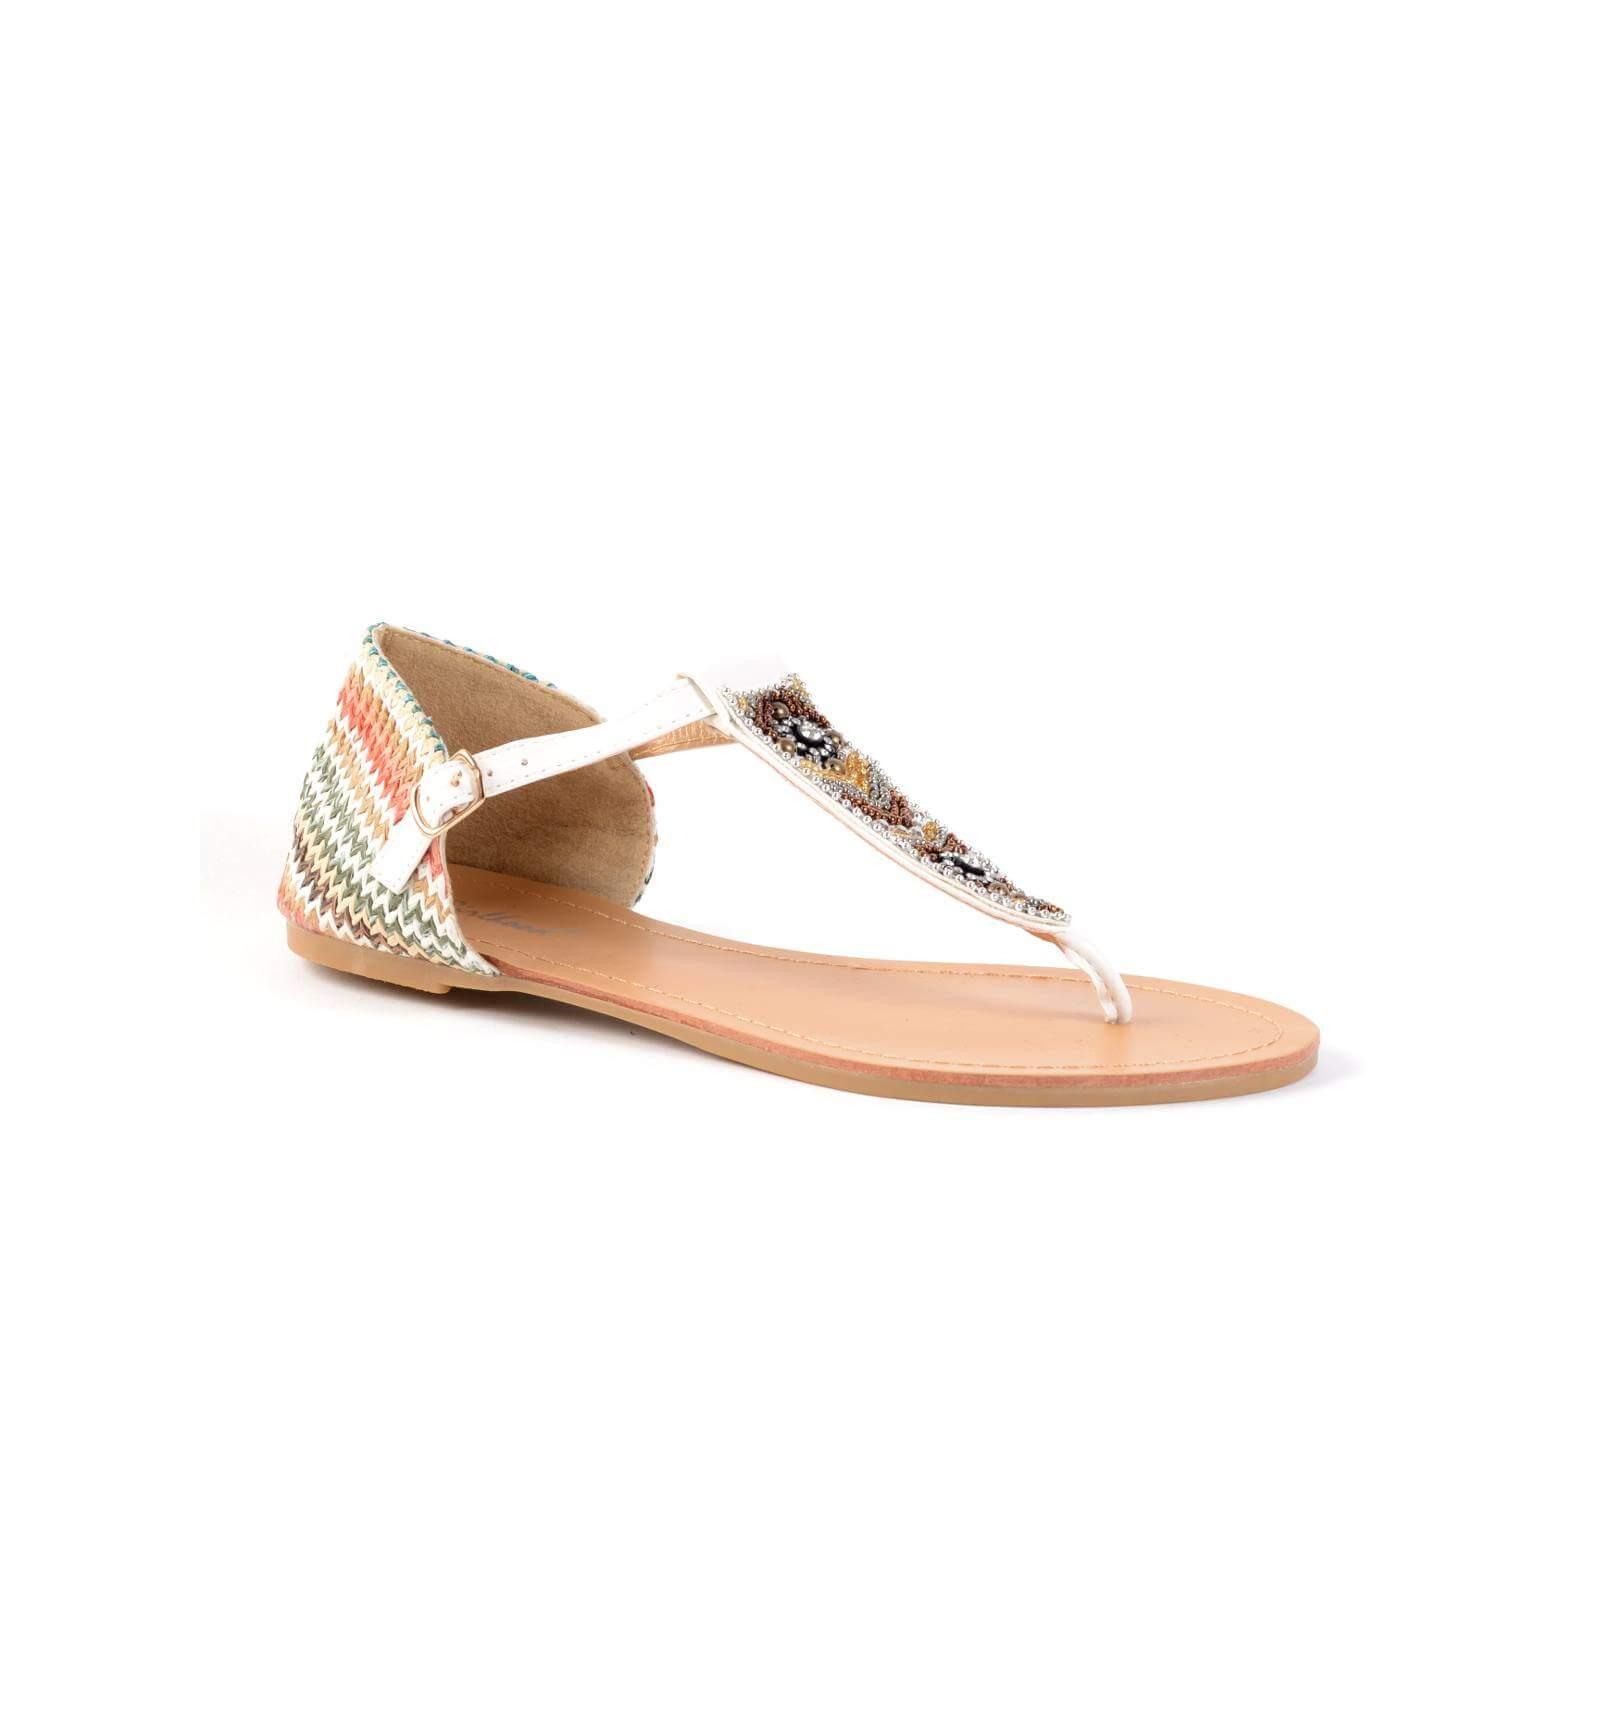 sandale pour femmes texture raphia simili cuir blanches. Black Bedroom Furniture Sets. Home Design Ideas